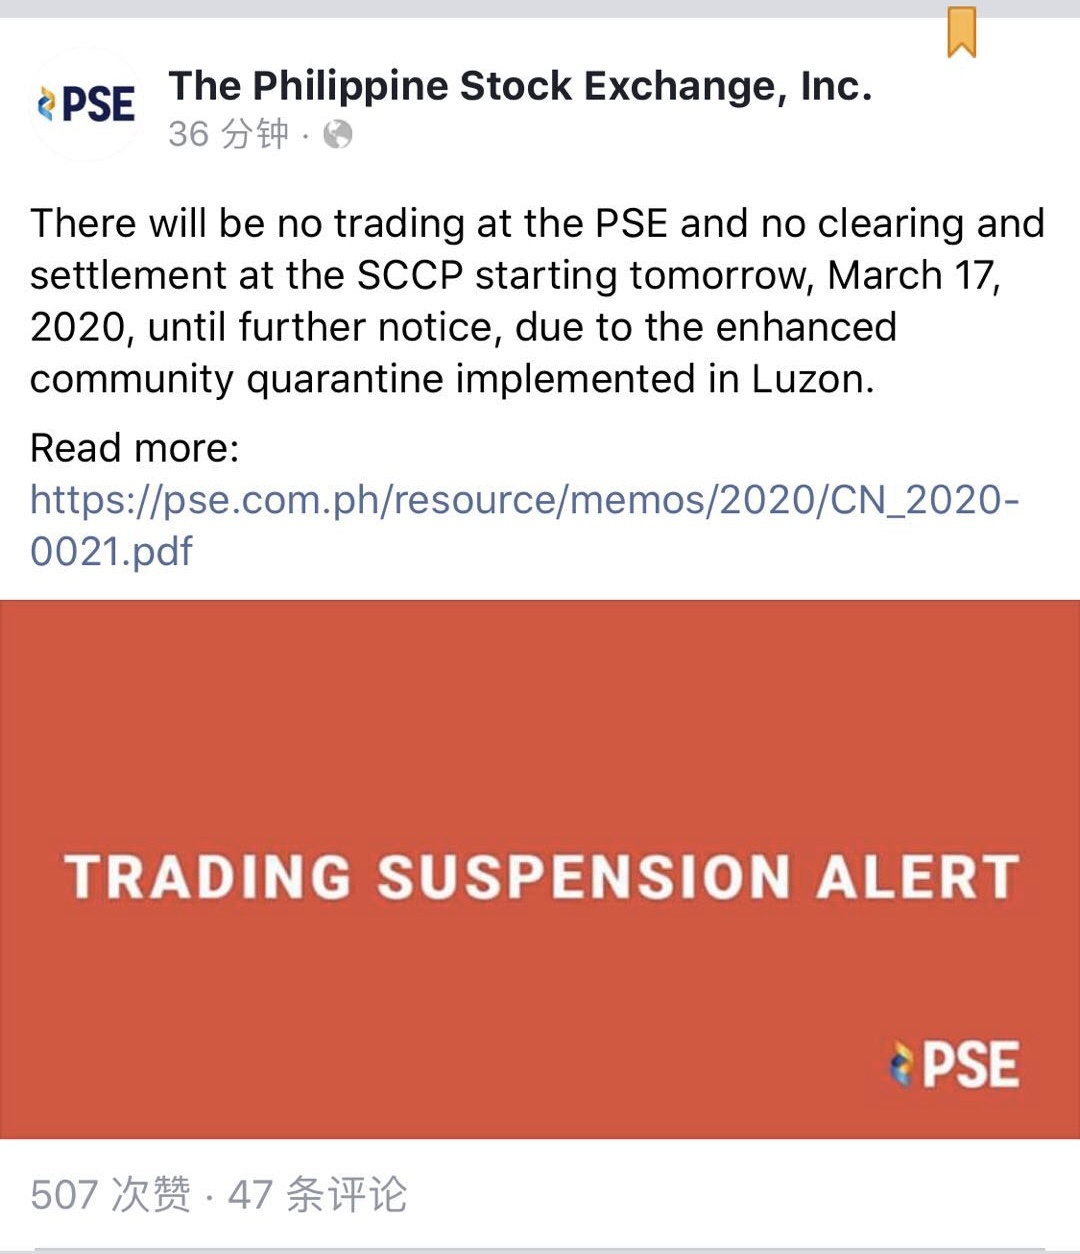 菲律宾证券交易所自3月17日起暂停交易 恢复时间待定图片